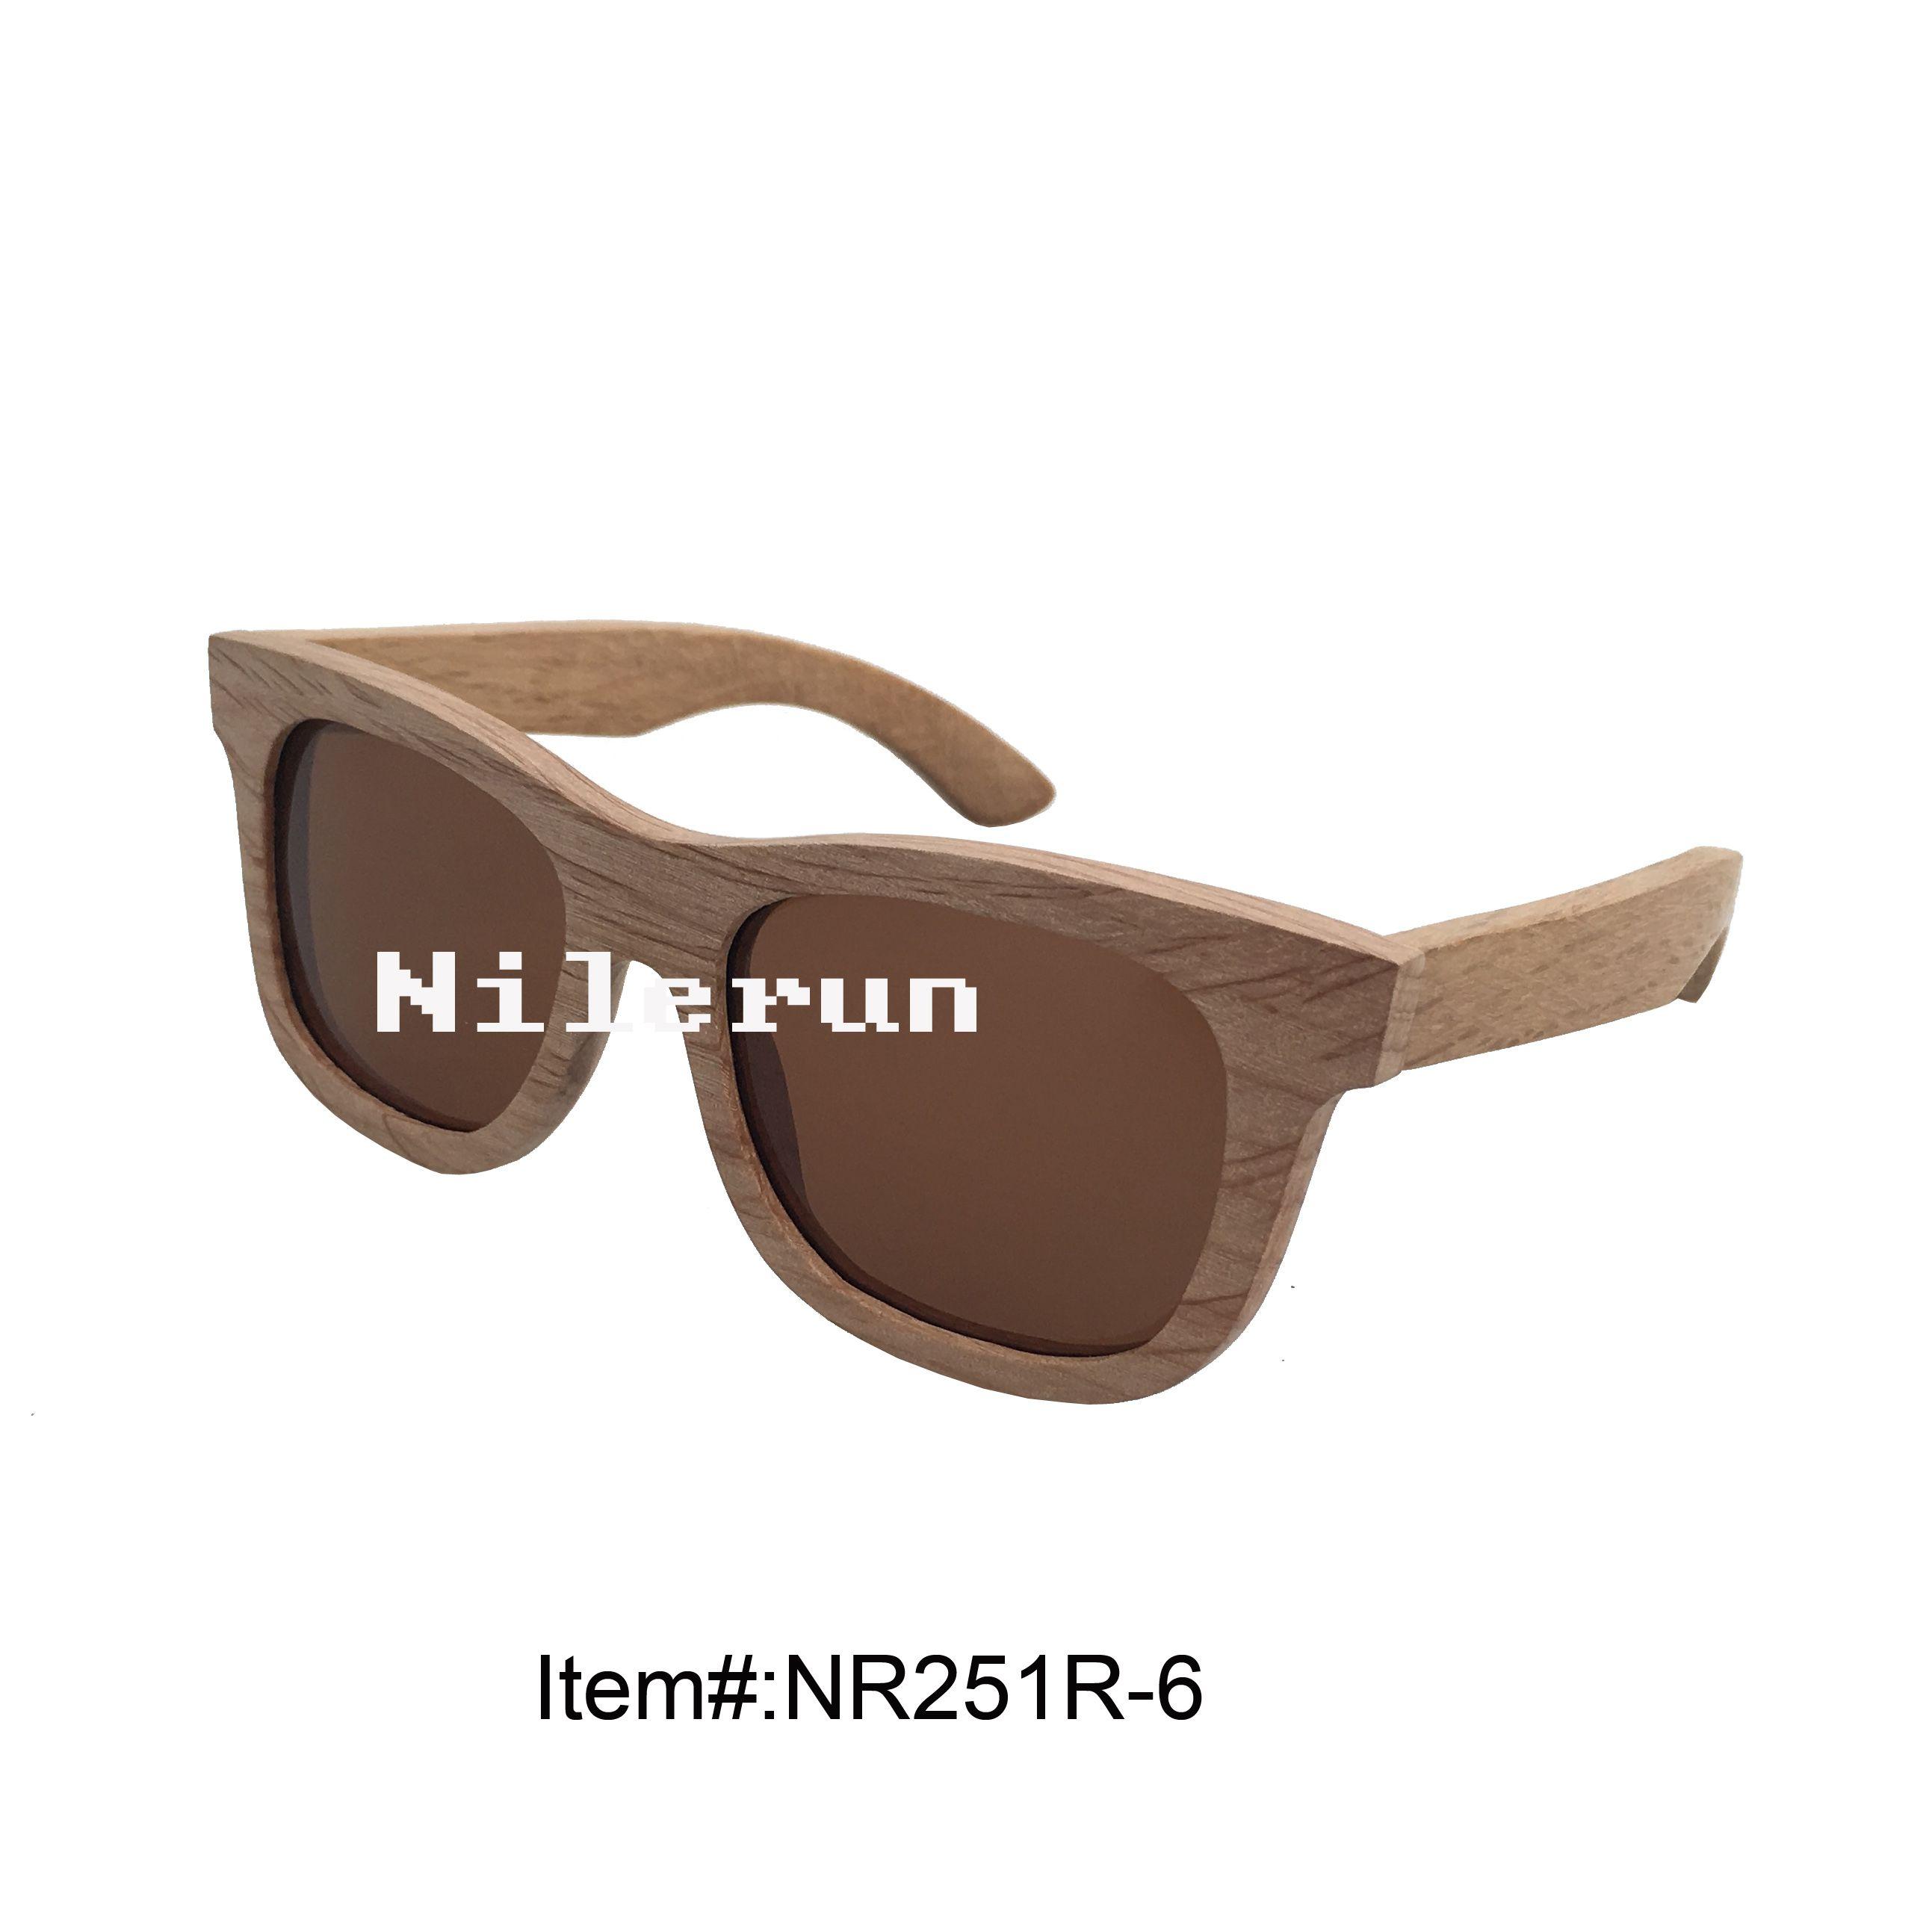 lunettes de soleil en bois à monture carrée